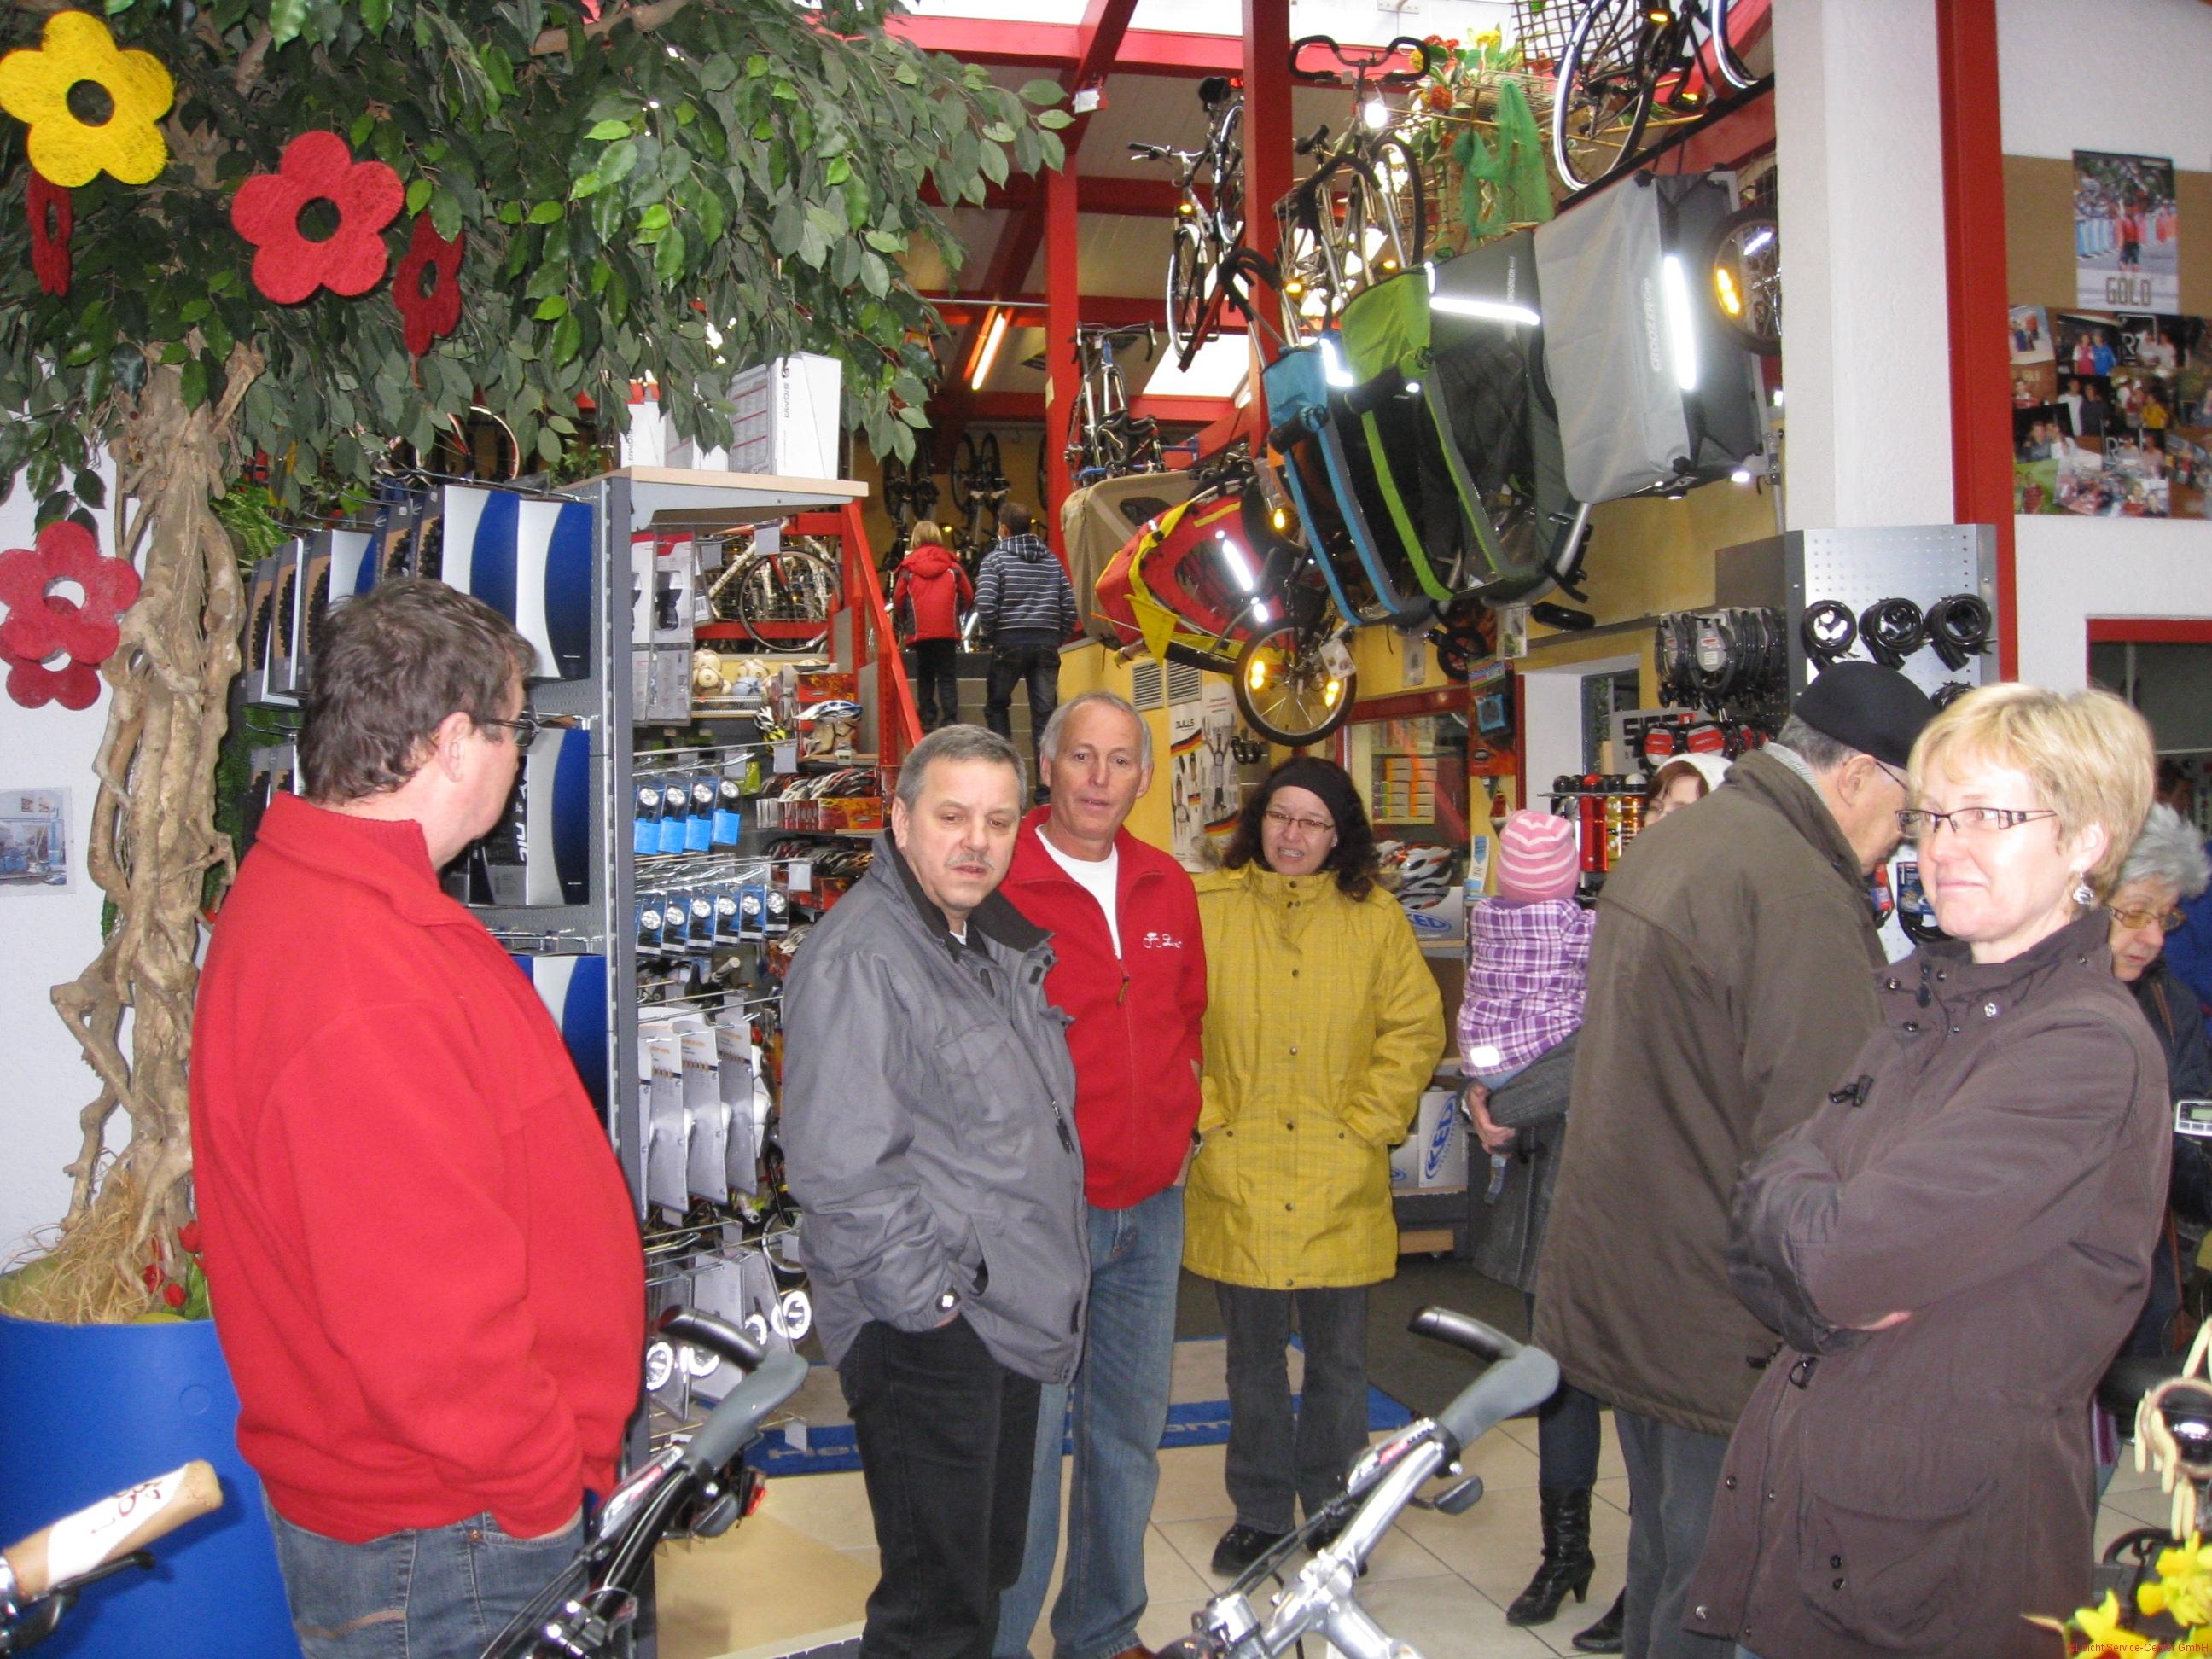 Fahrrad-Sonderschau 2011-03-19 17-03-32